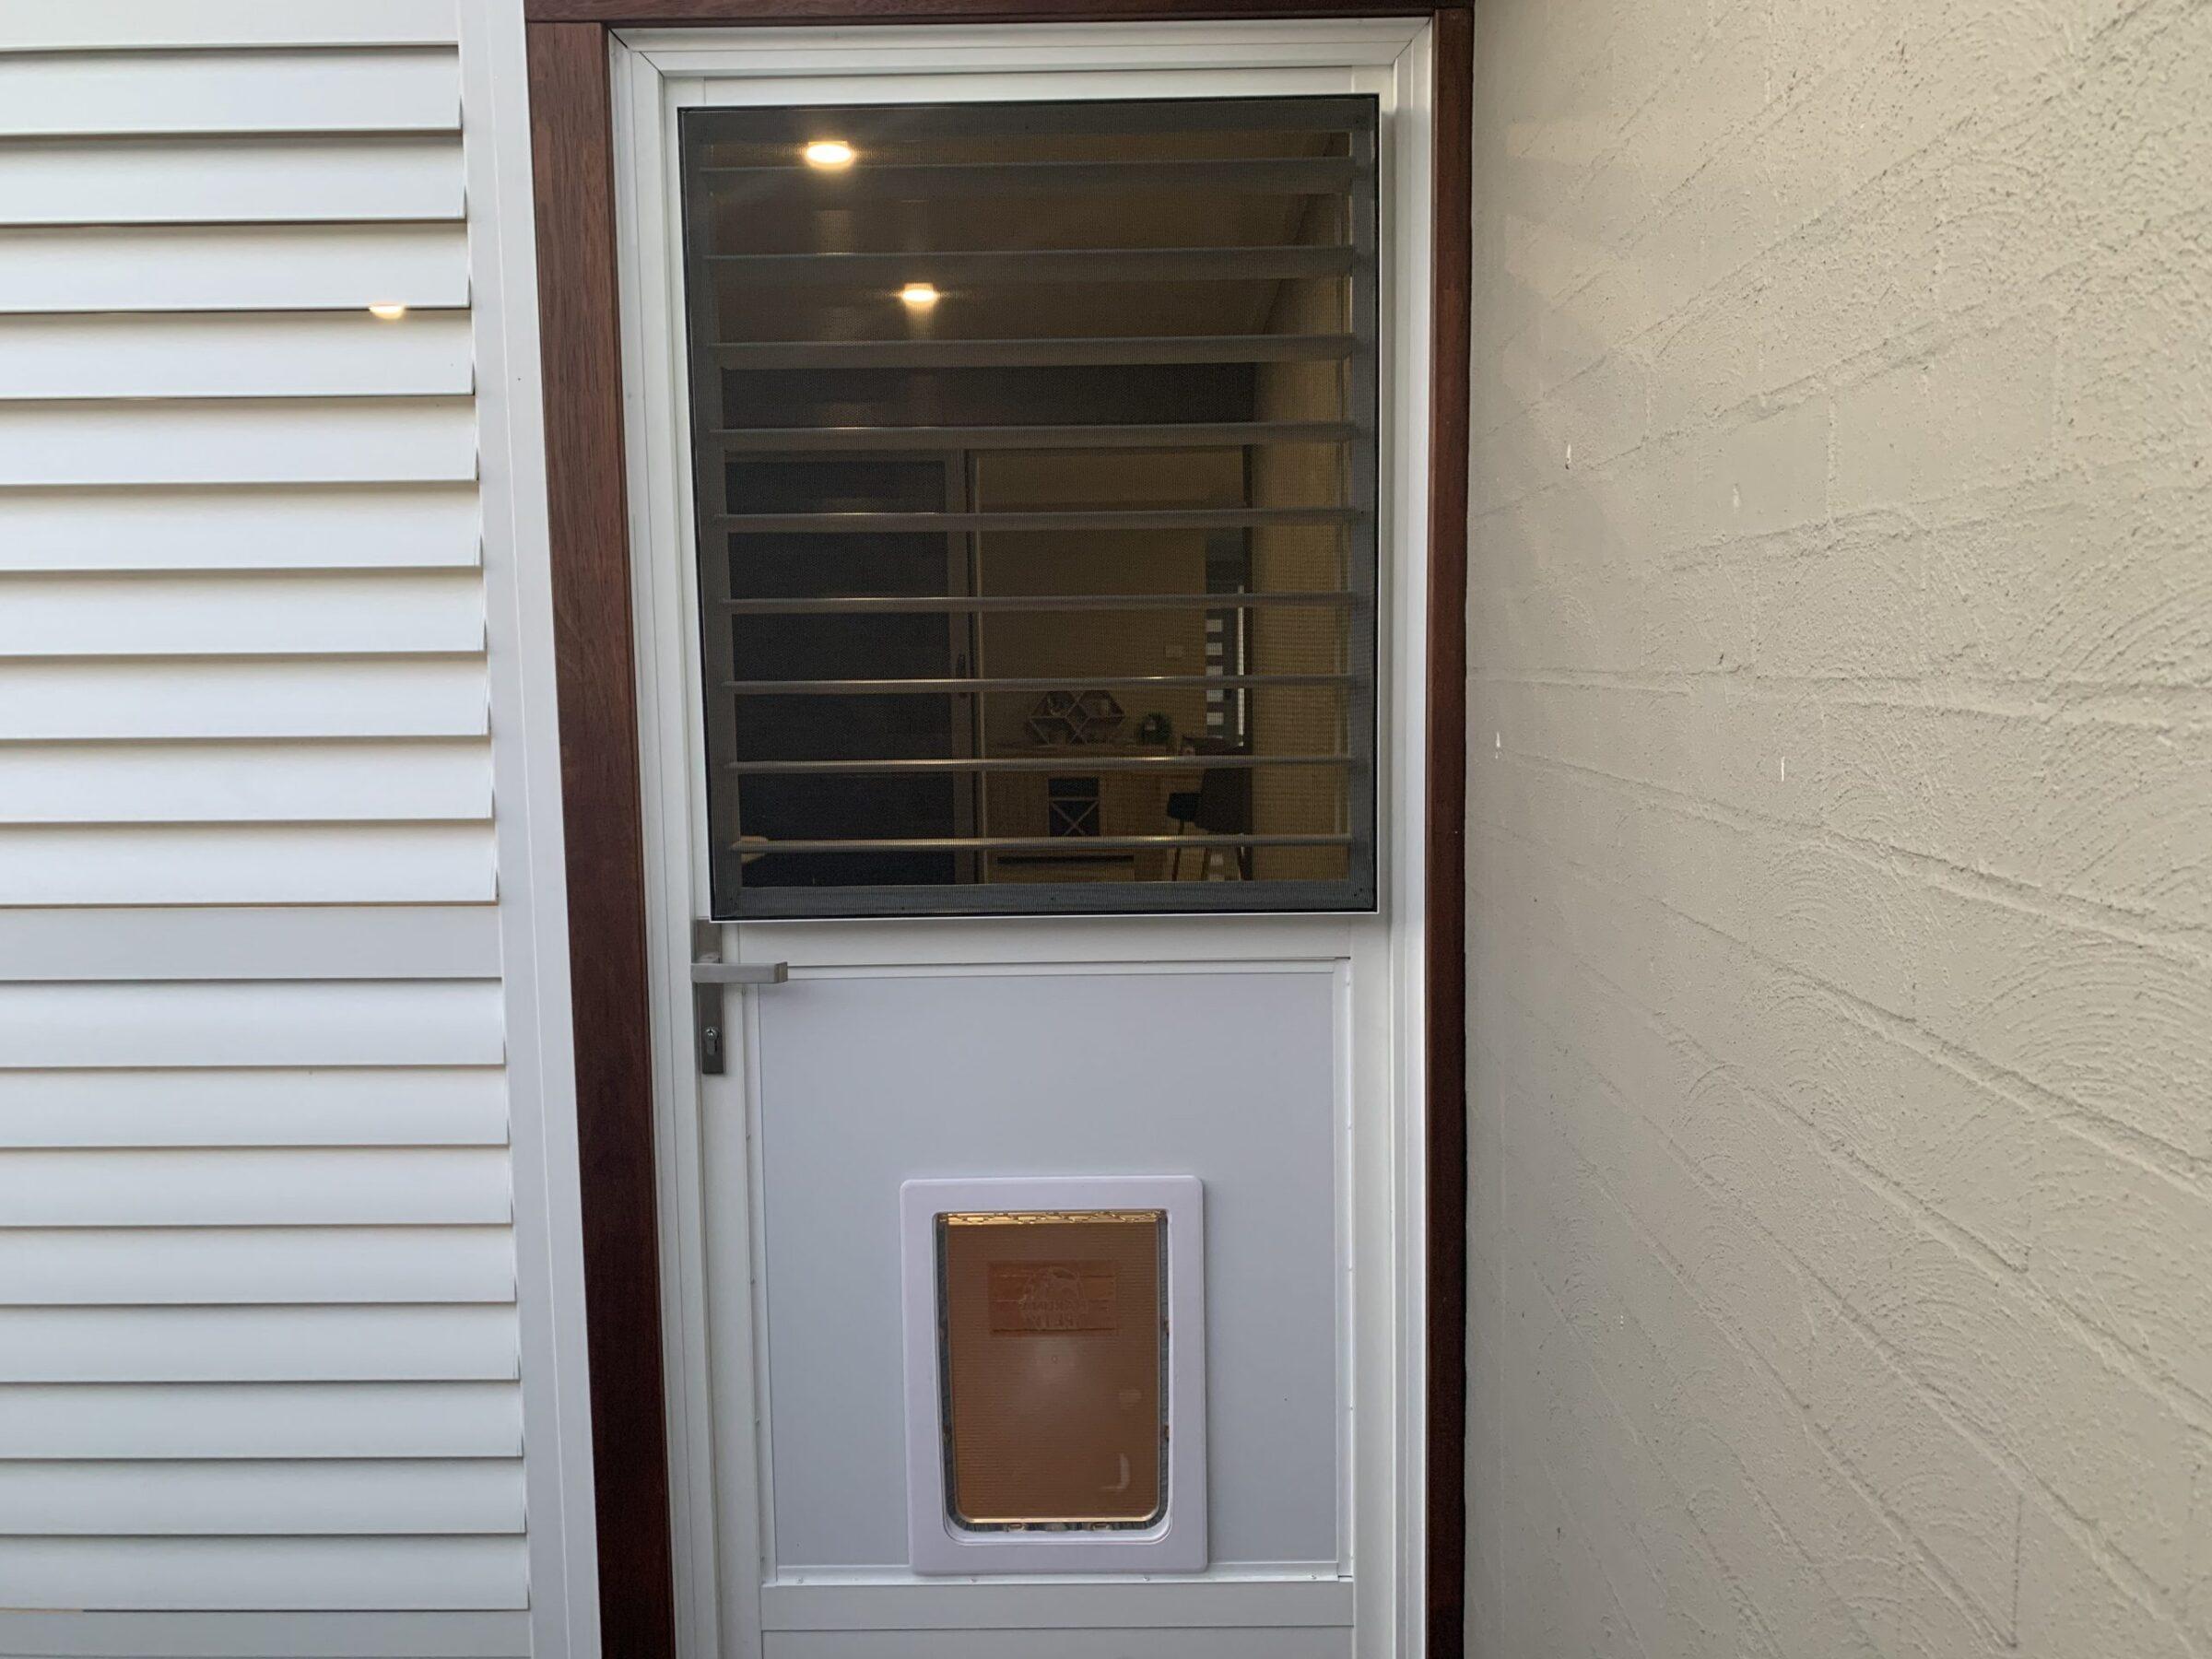 Hinged - hinged doors